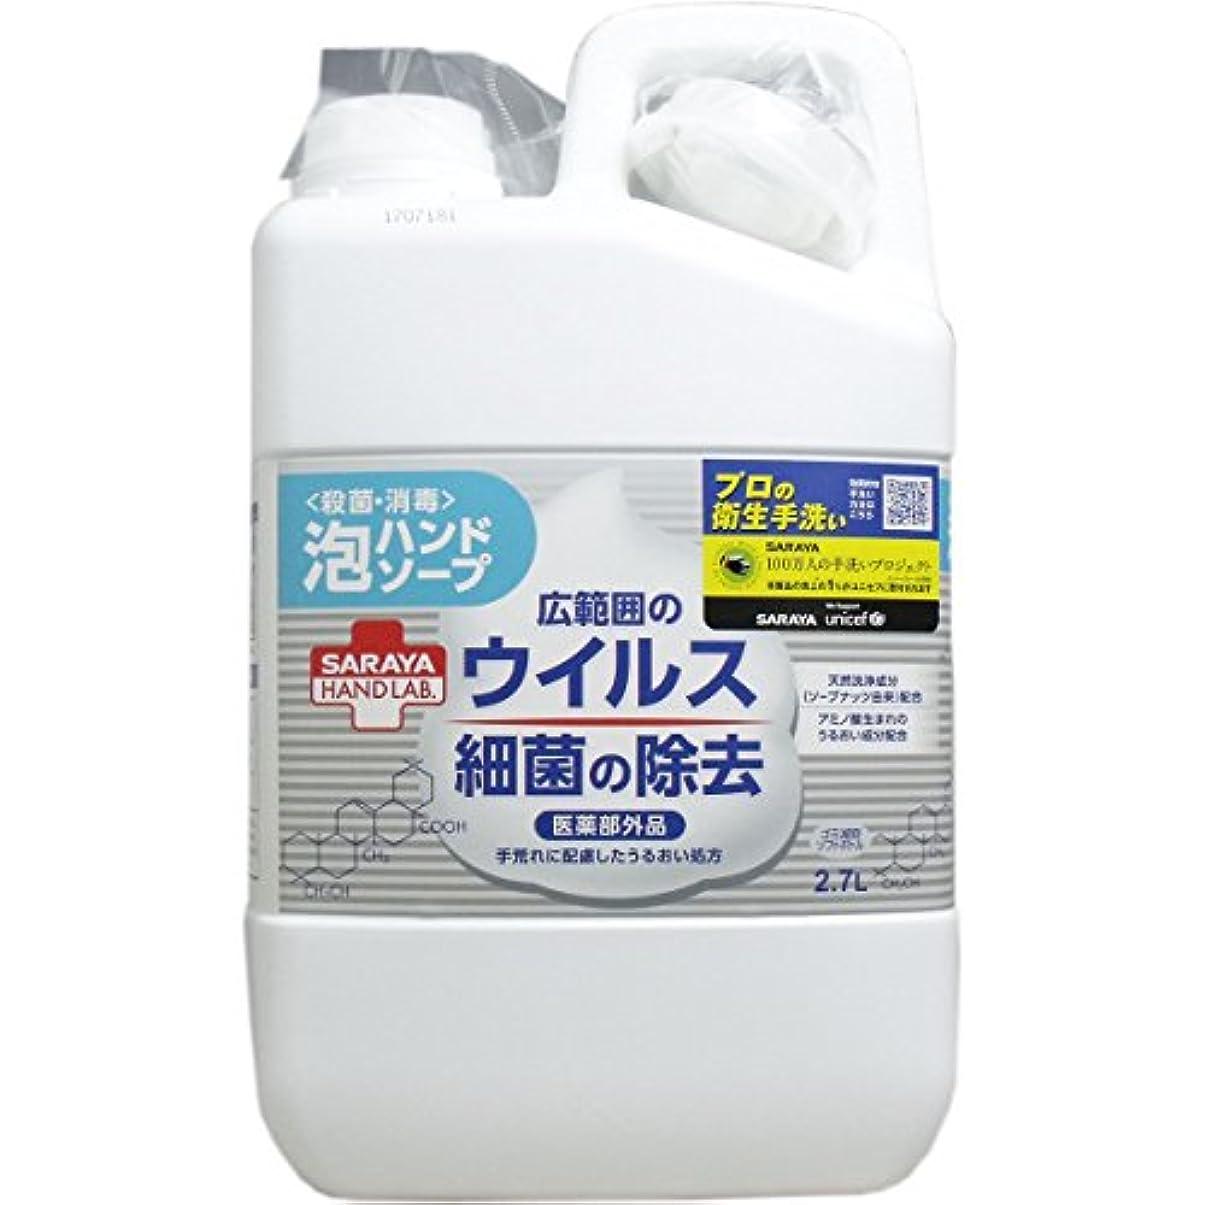 無効パニックワイドハンドラボ 薬用泡ハンドソープ 詰替用 2.7L(単品)